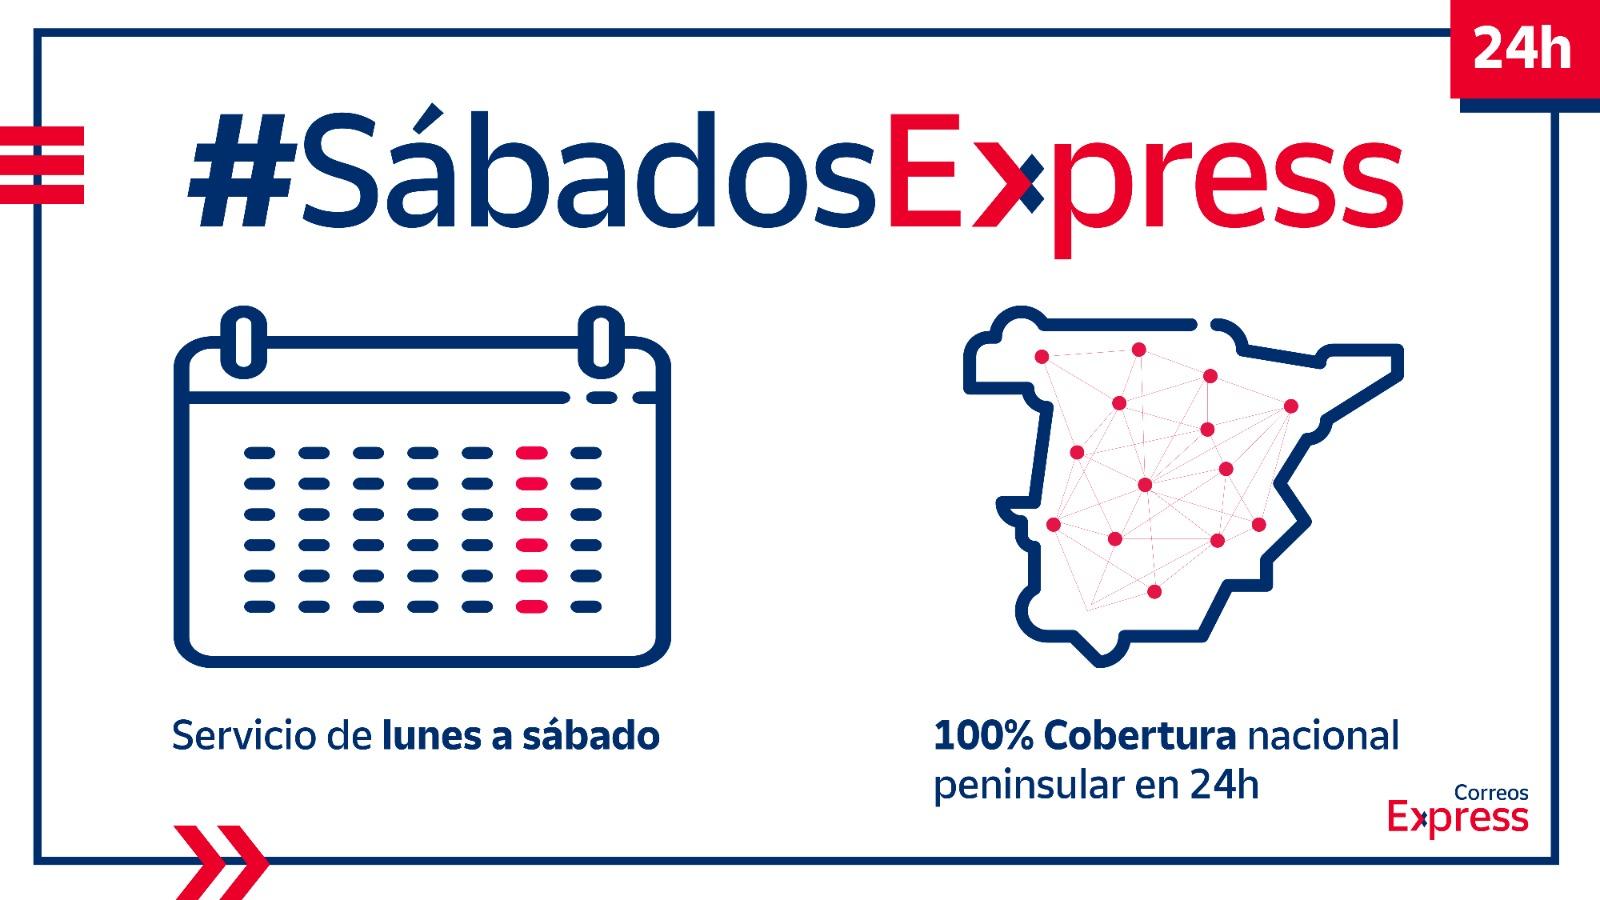 Correos Express amplía hasta los sábados su servicio de entrega en 24 horas a todo el territorio peninsular nacional